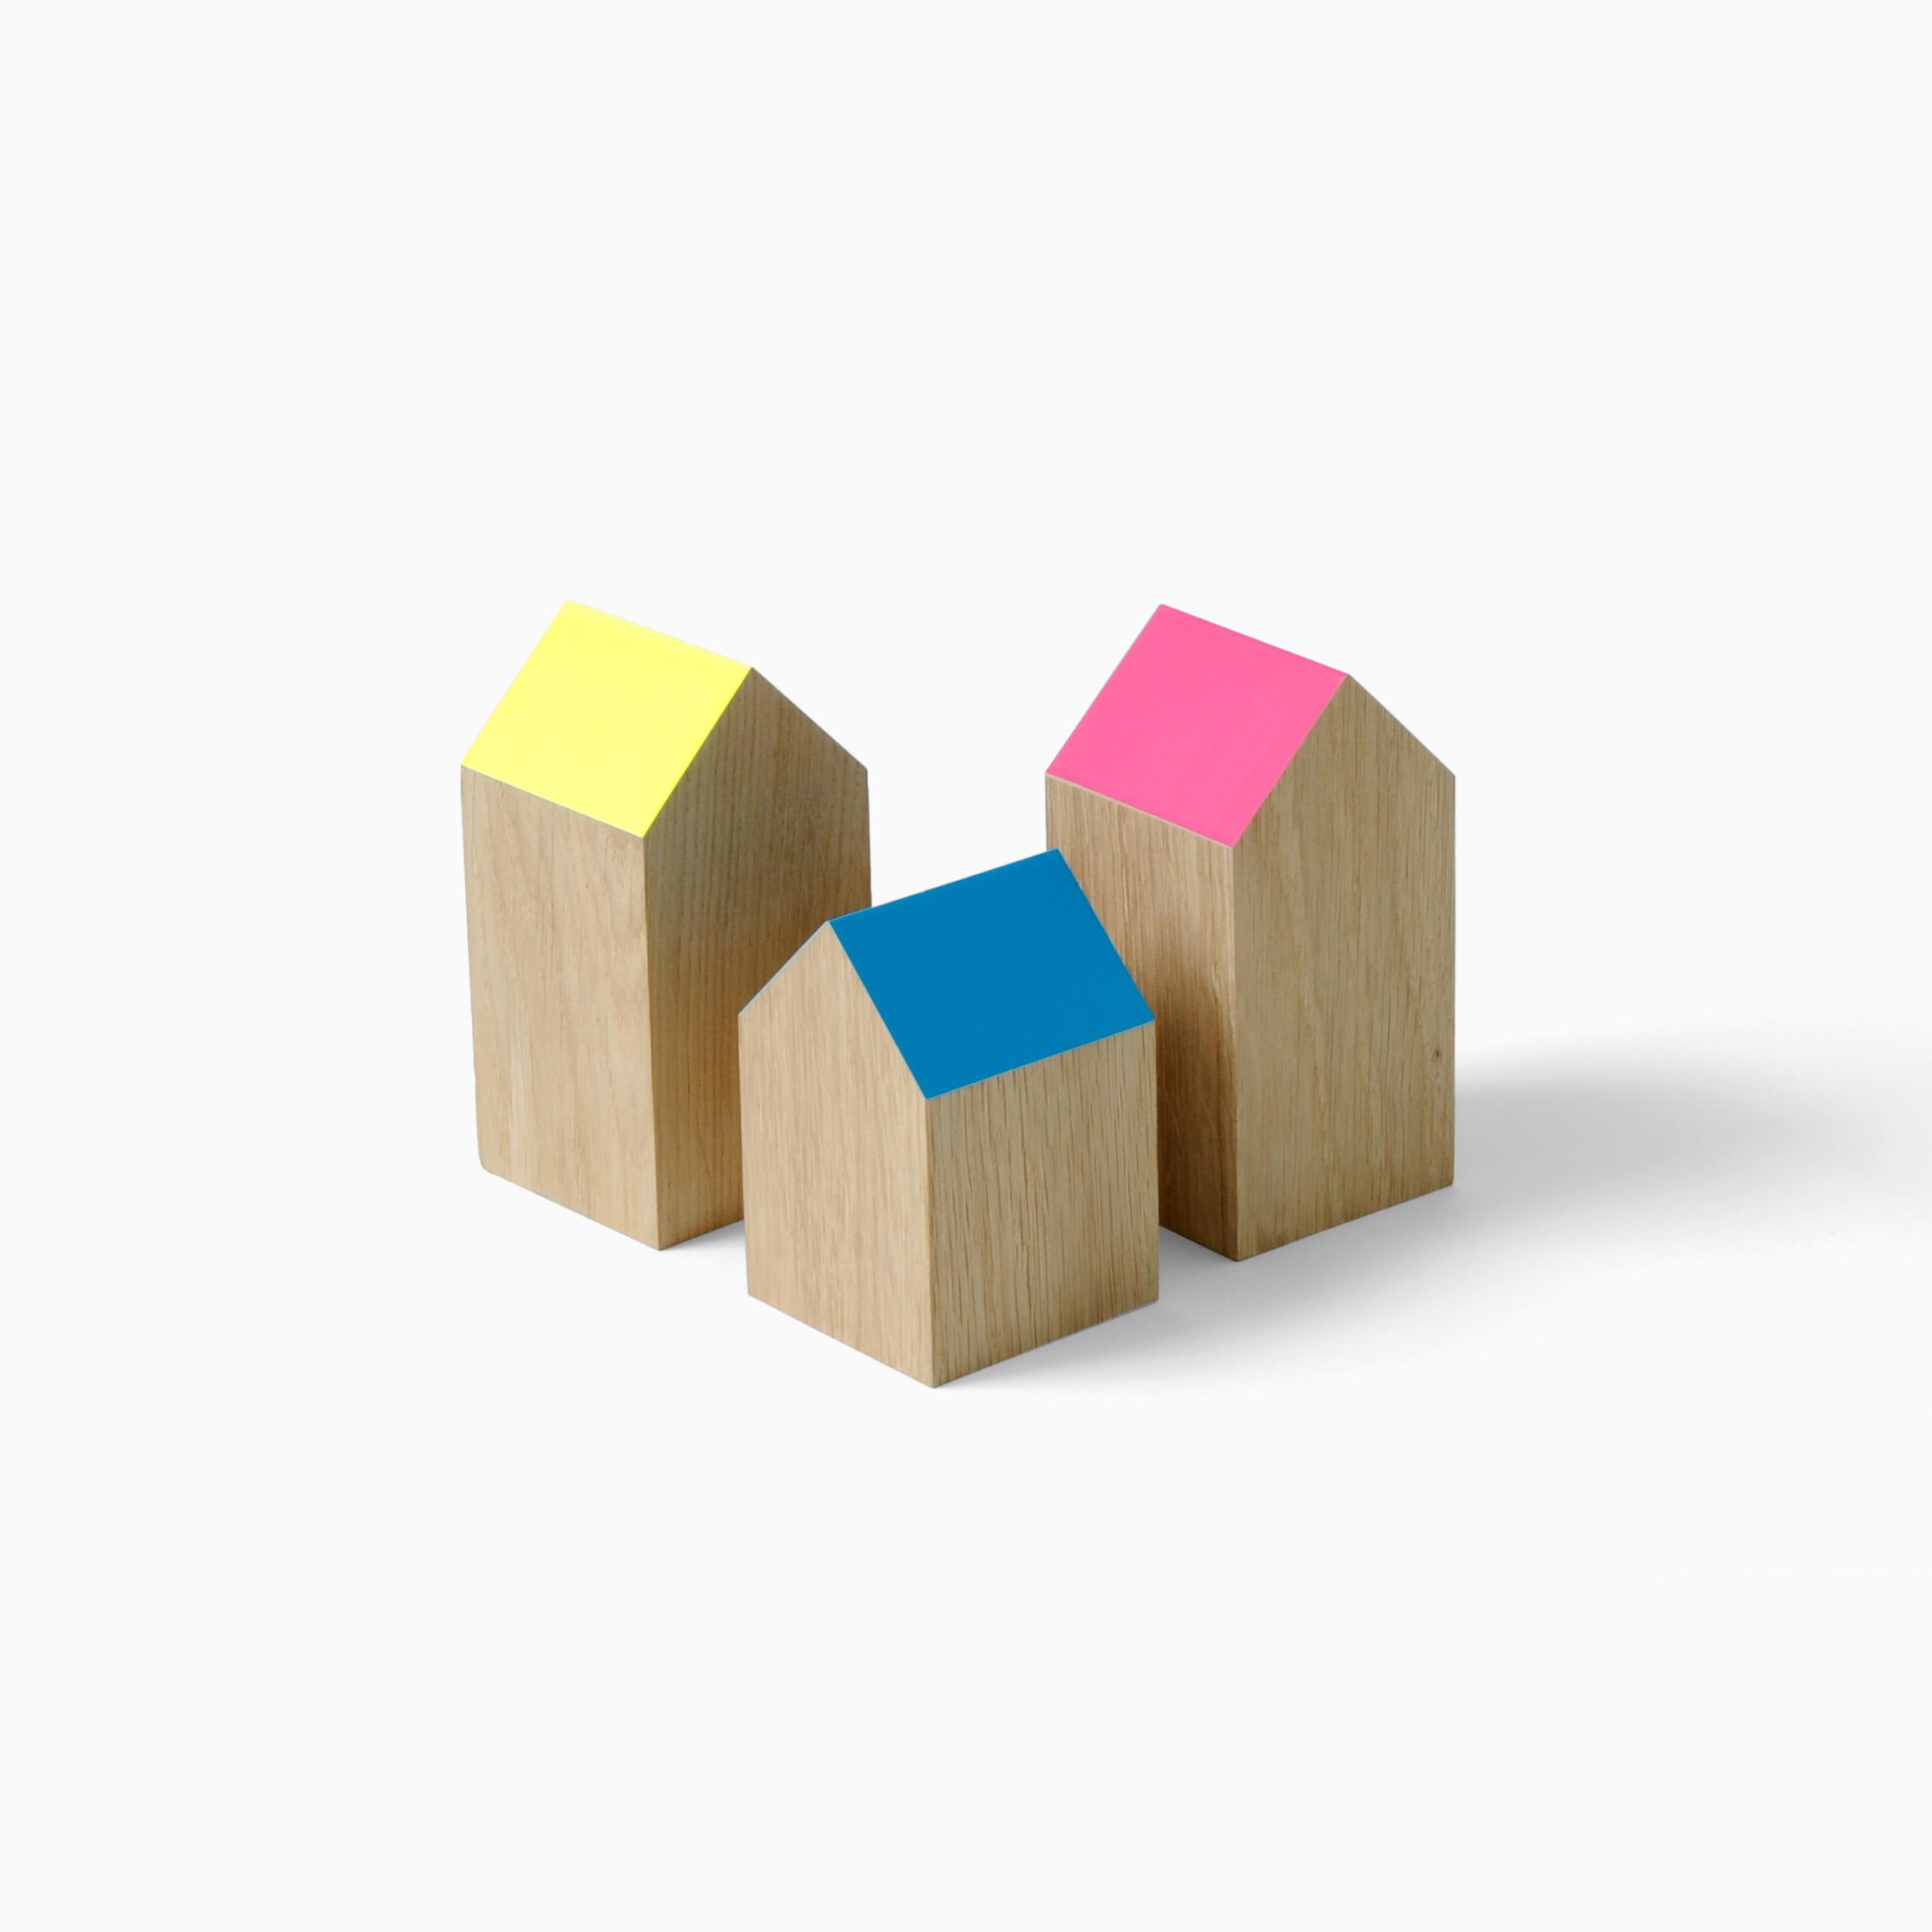 Drie houten blokjes in de vorm van een huisje met schuine daken gekleurd in roze, blauw en geel